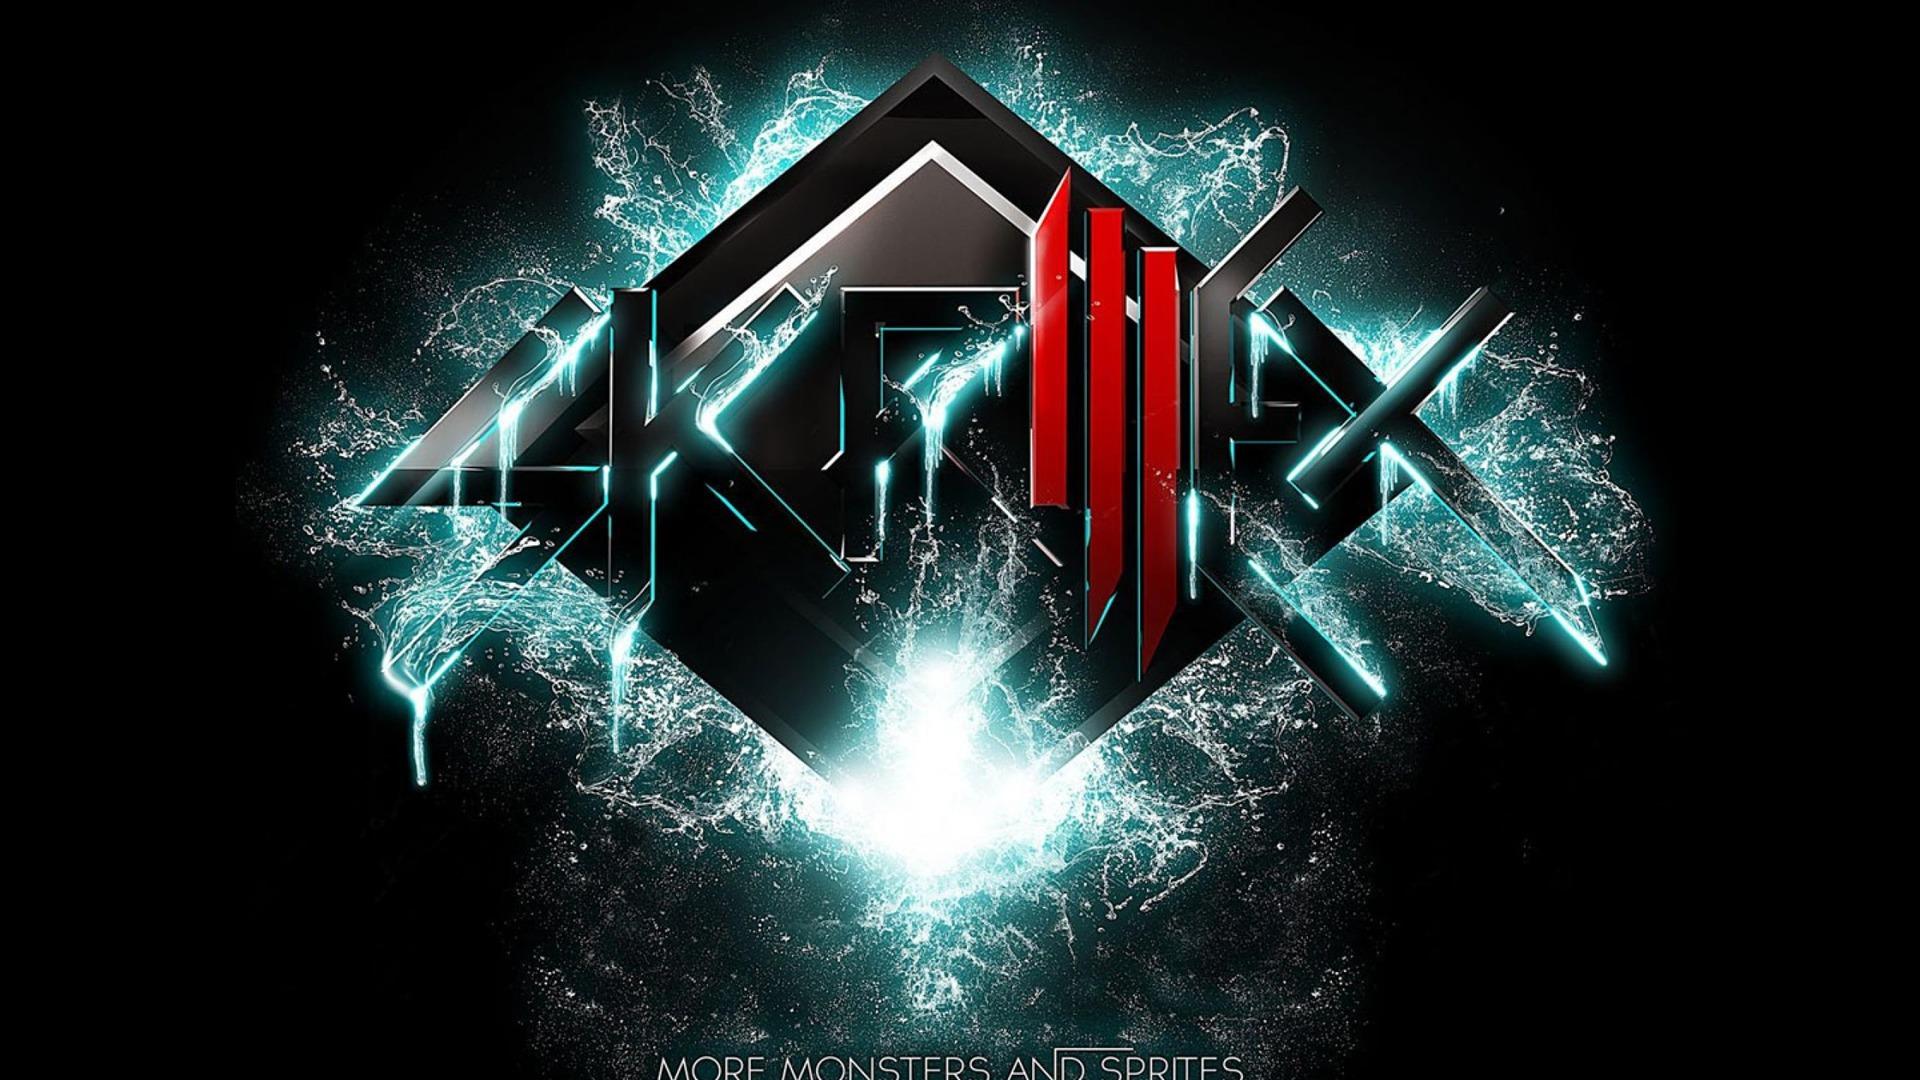 Skrillex Logo Blue And Green